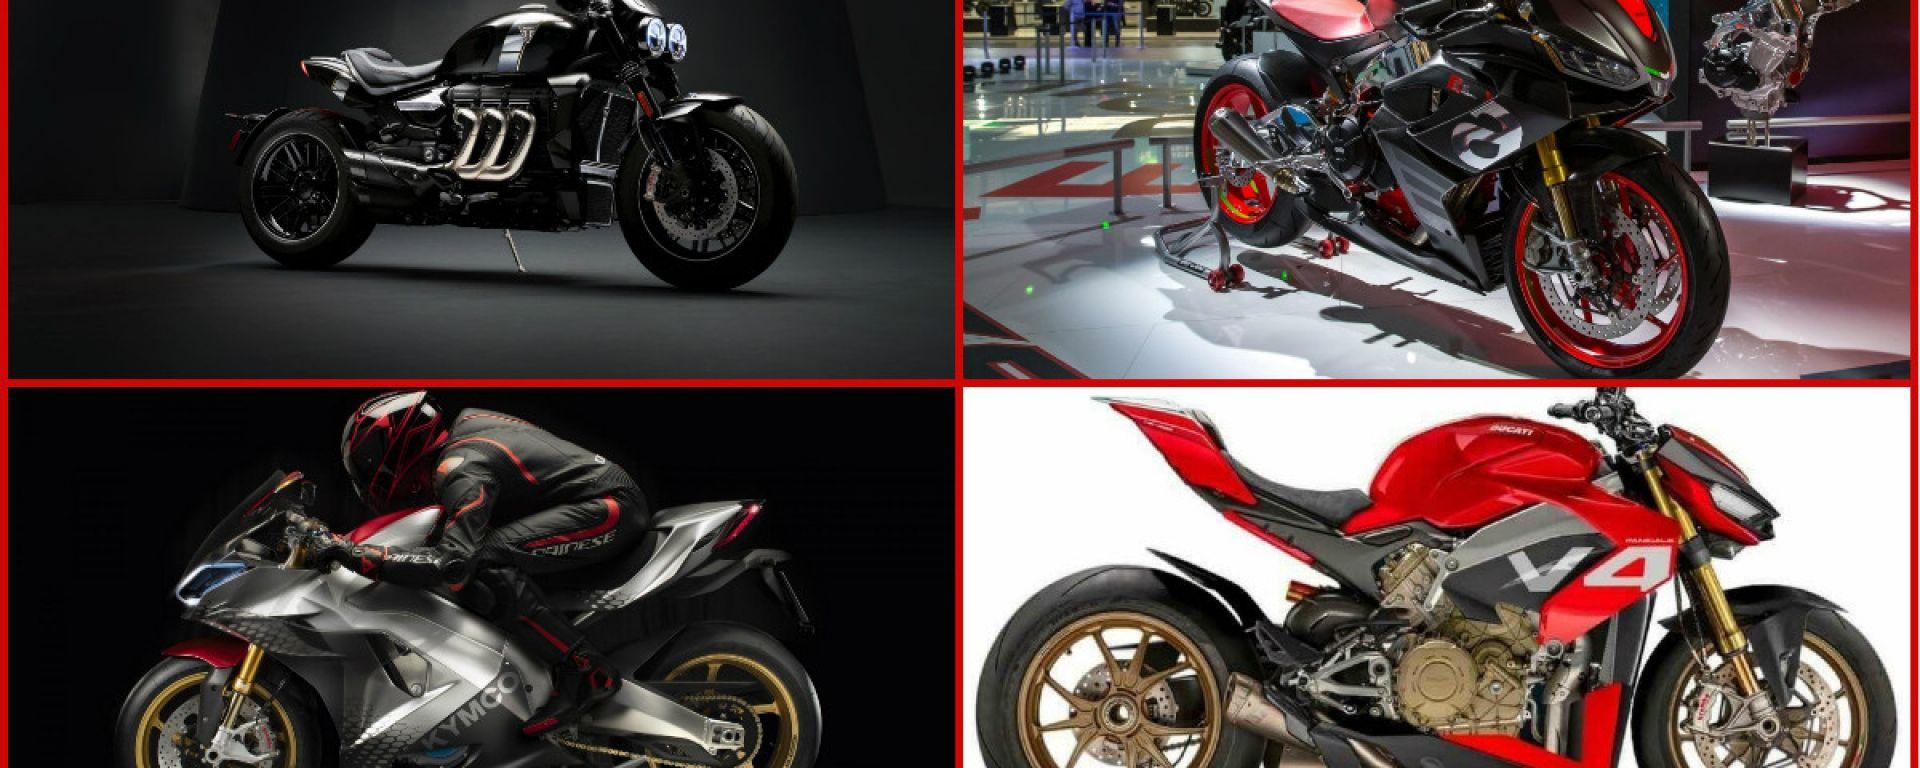 Calendario Moto 2020.Novita 2020 Tutte Le Moto Che Forse Vedremo L Anno